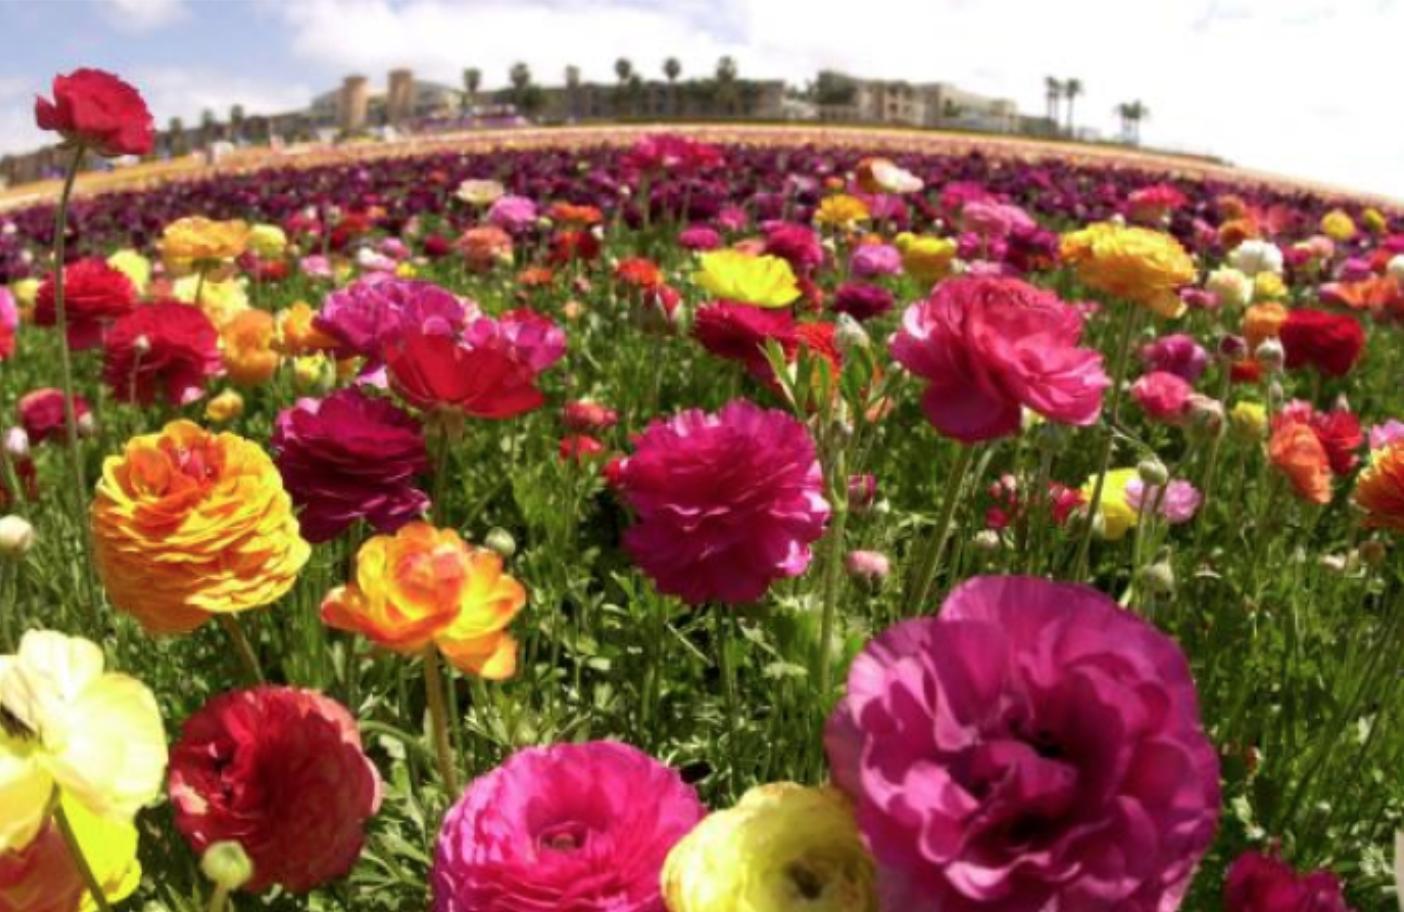 close up a flower field